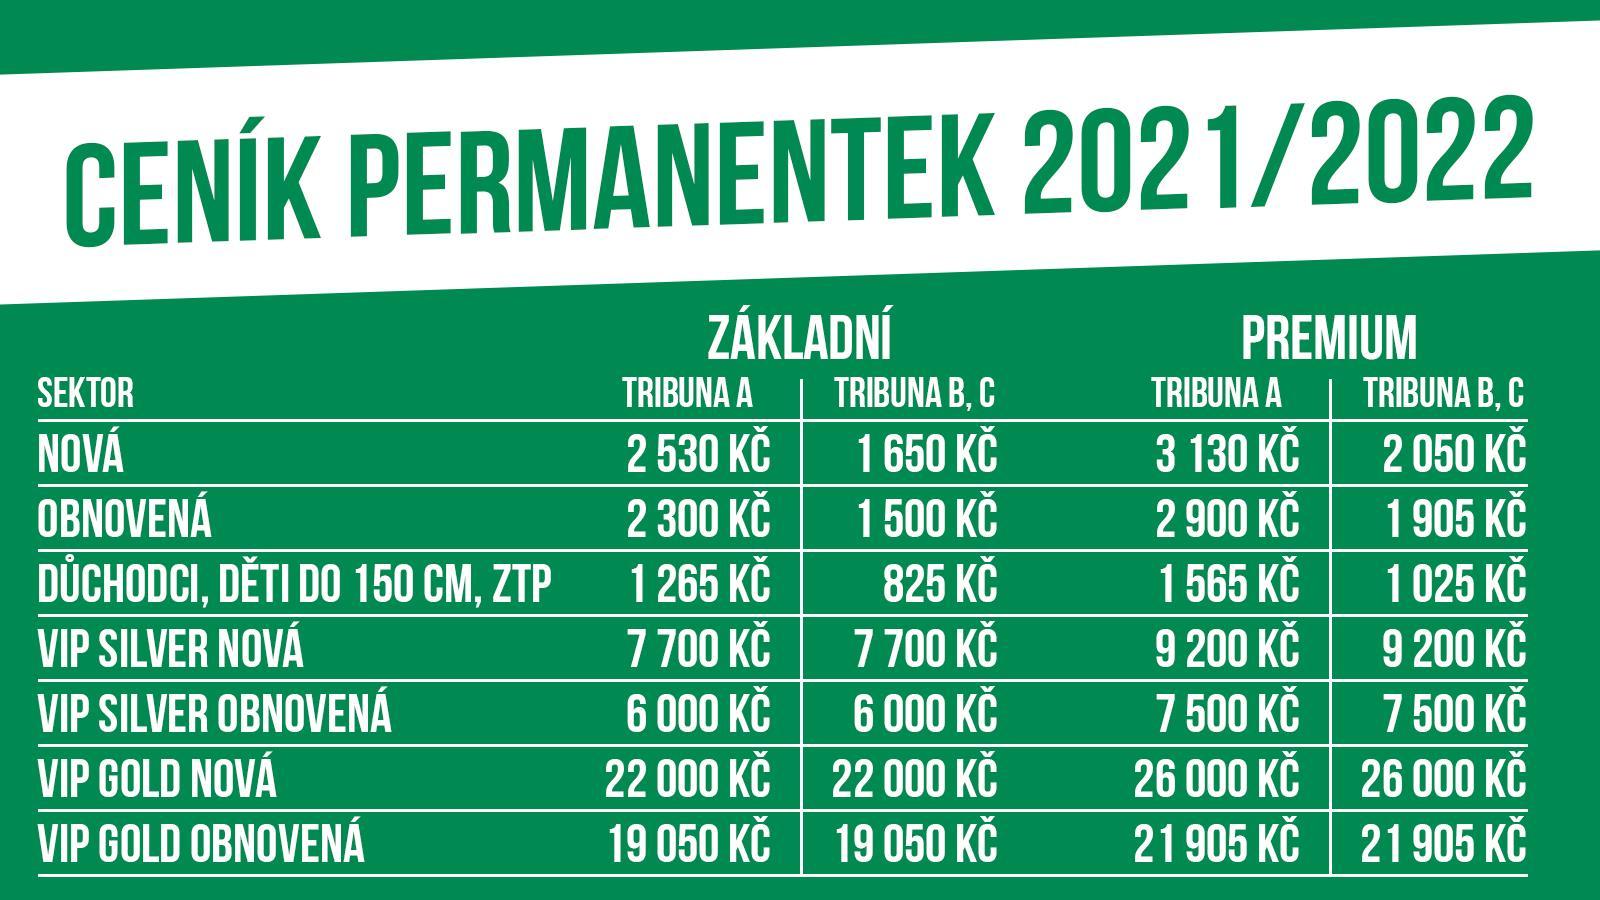 Ceník permanentek 2021/2022